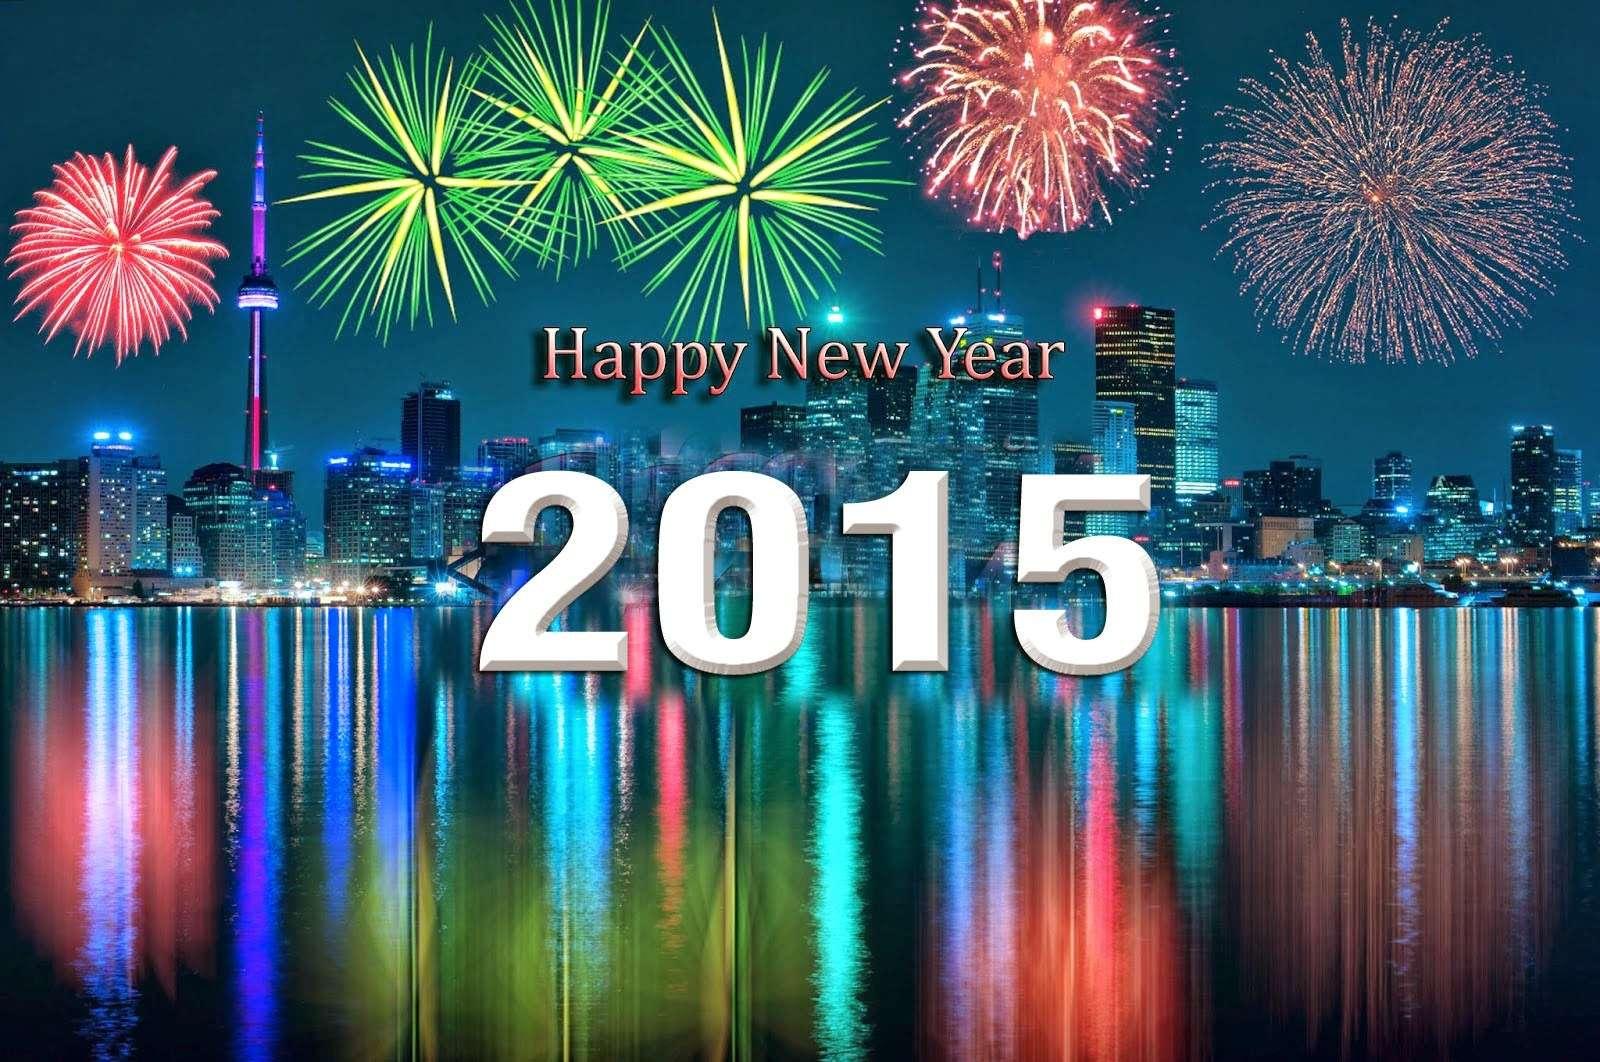 FOTO TË MUJIT JANAR 2015 HlBdKVZ7uIRC0xFL3ZWJU6CWHnwMguvnDf1OkpFQtDSV3bIPvJCSPw==